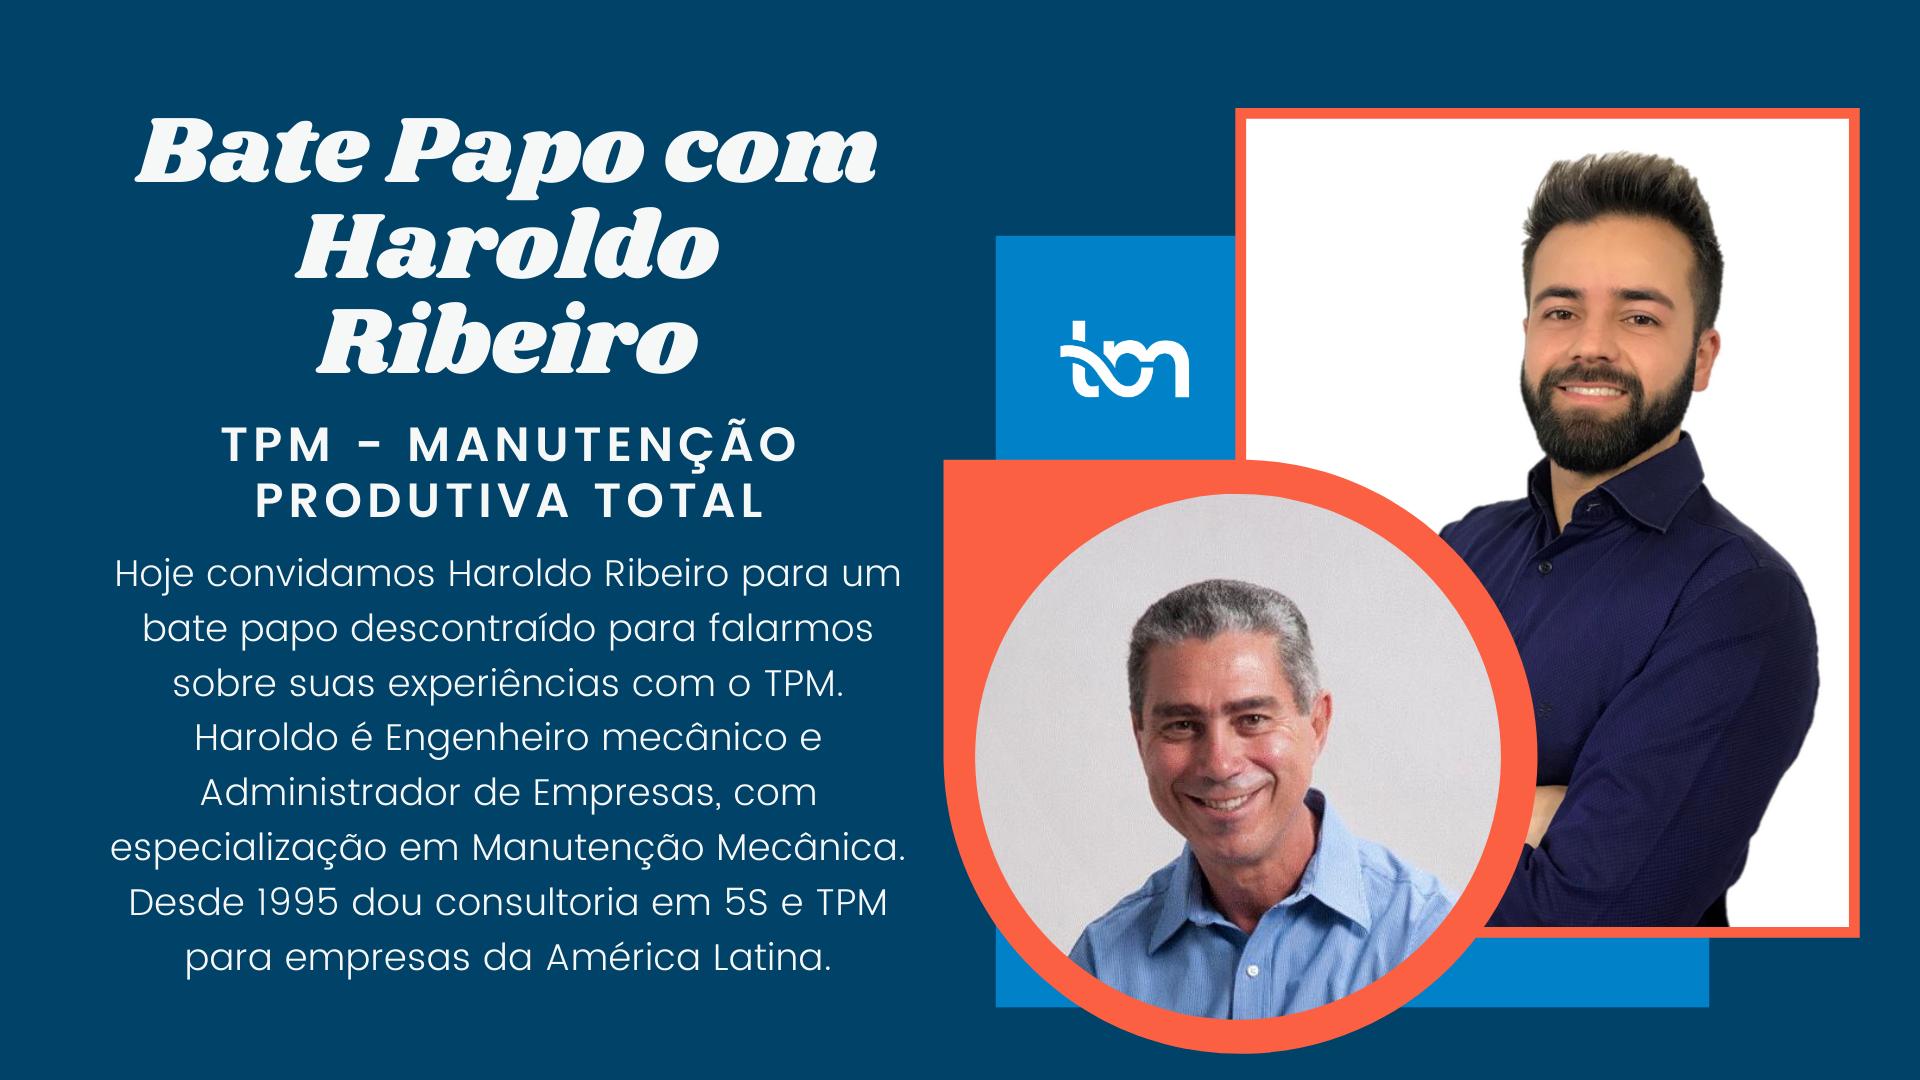 Bate Papo com Haroldo Ribeiro